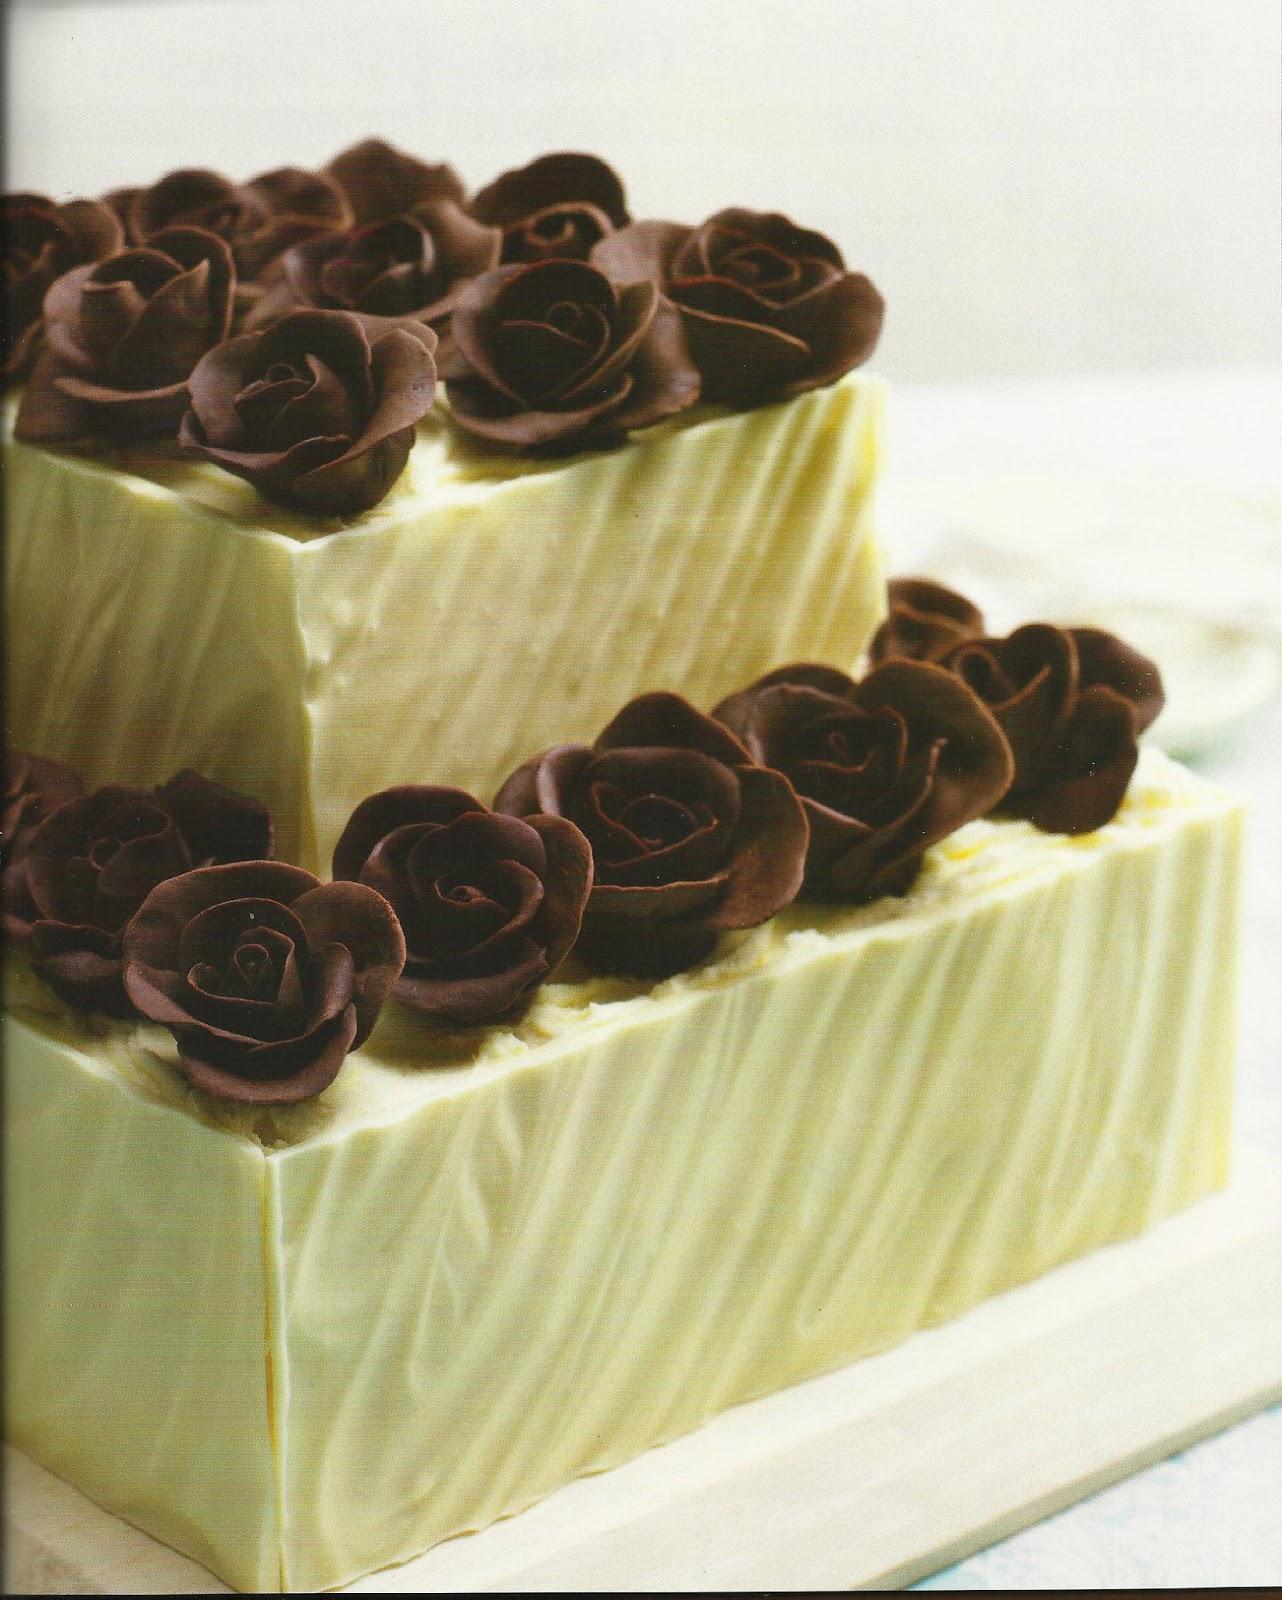 Cake Deco Mania : The Cakes Mania: Birthday Cakes